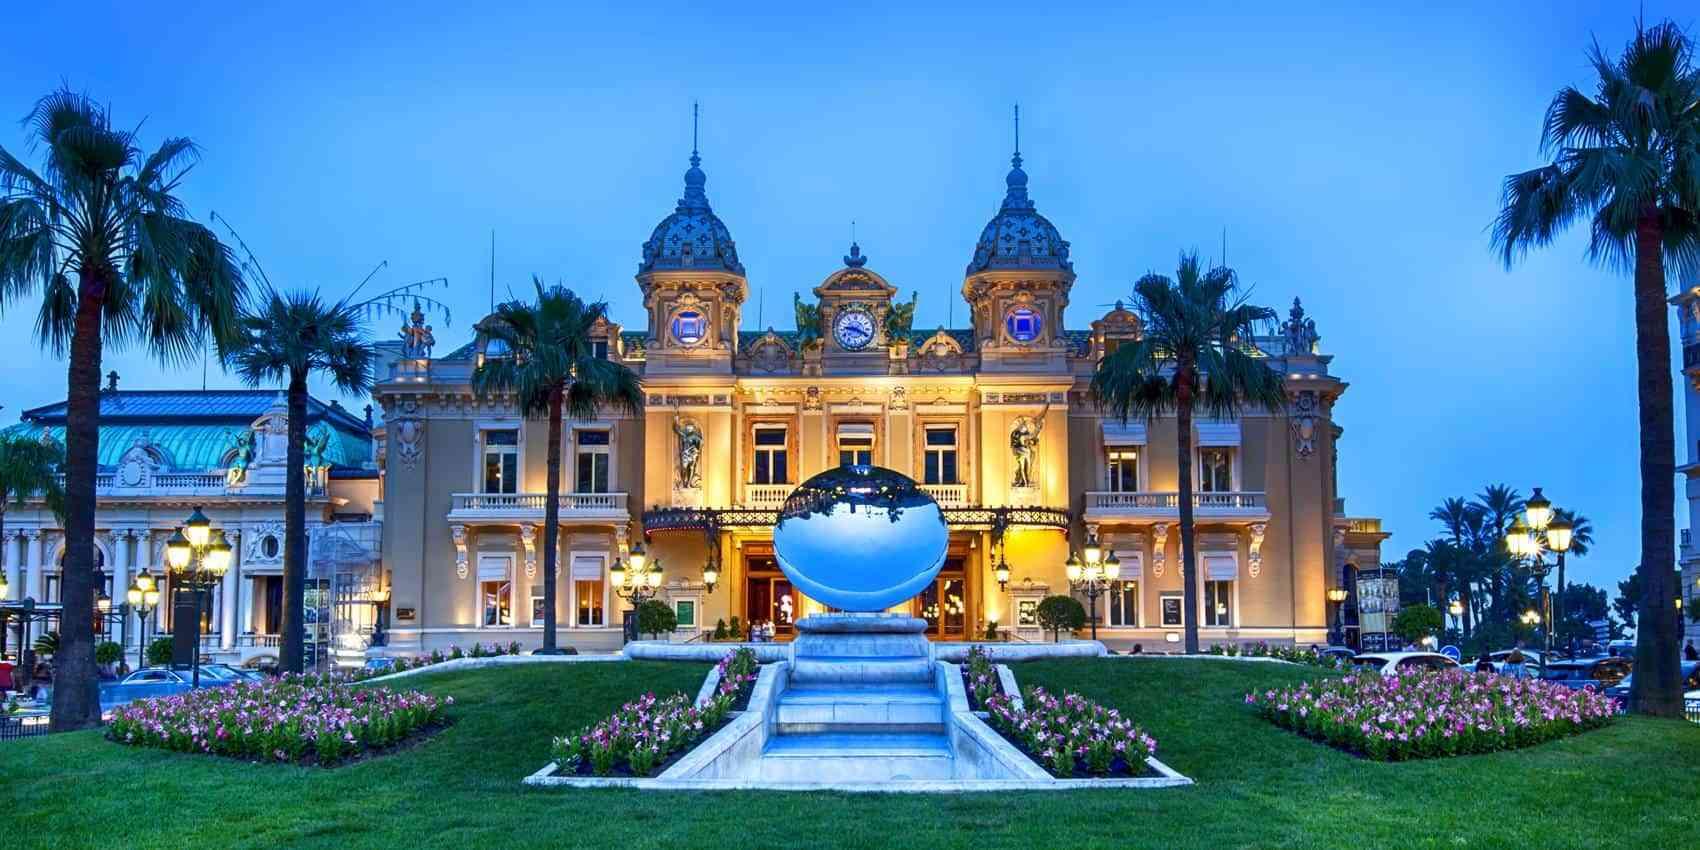 Estos son los casinos más singulares del mundo 3